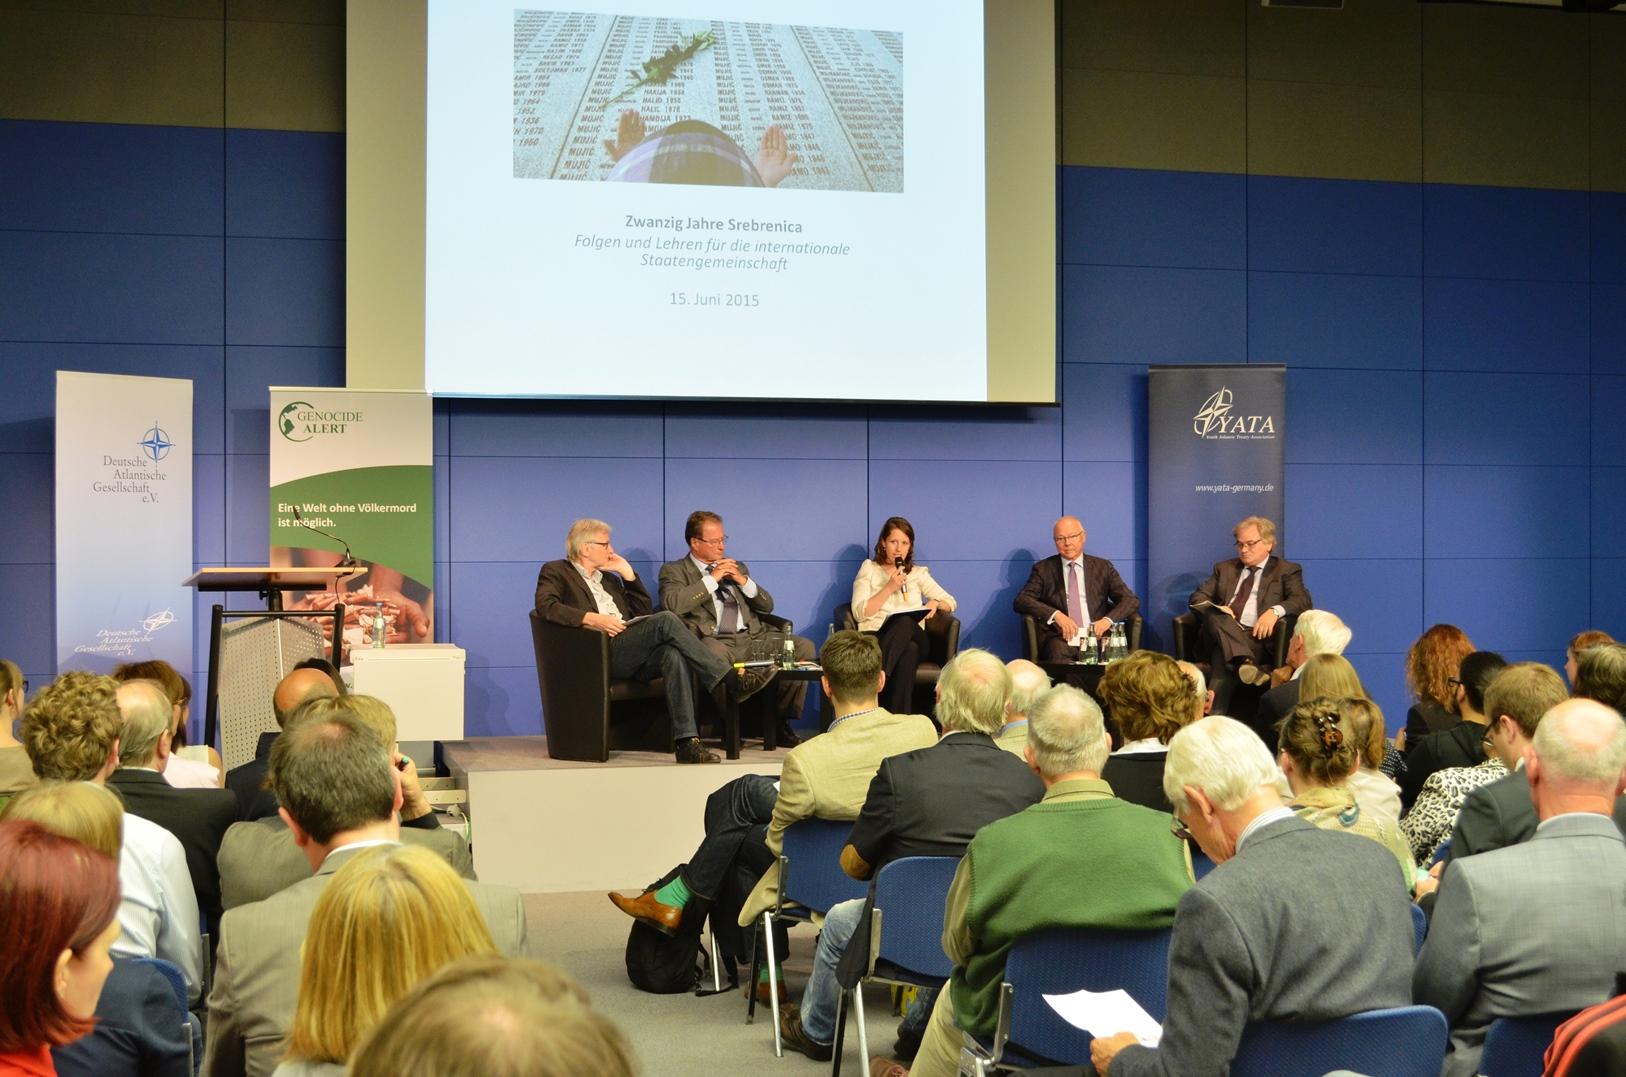 Mehr als 120 Besucherinnen und Besucher verfolgten die Diskussion am 15. Juni im Presse- und Informationsamt der Bundesregierung; Quelle: eigenes Foto